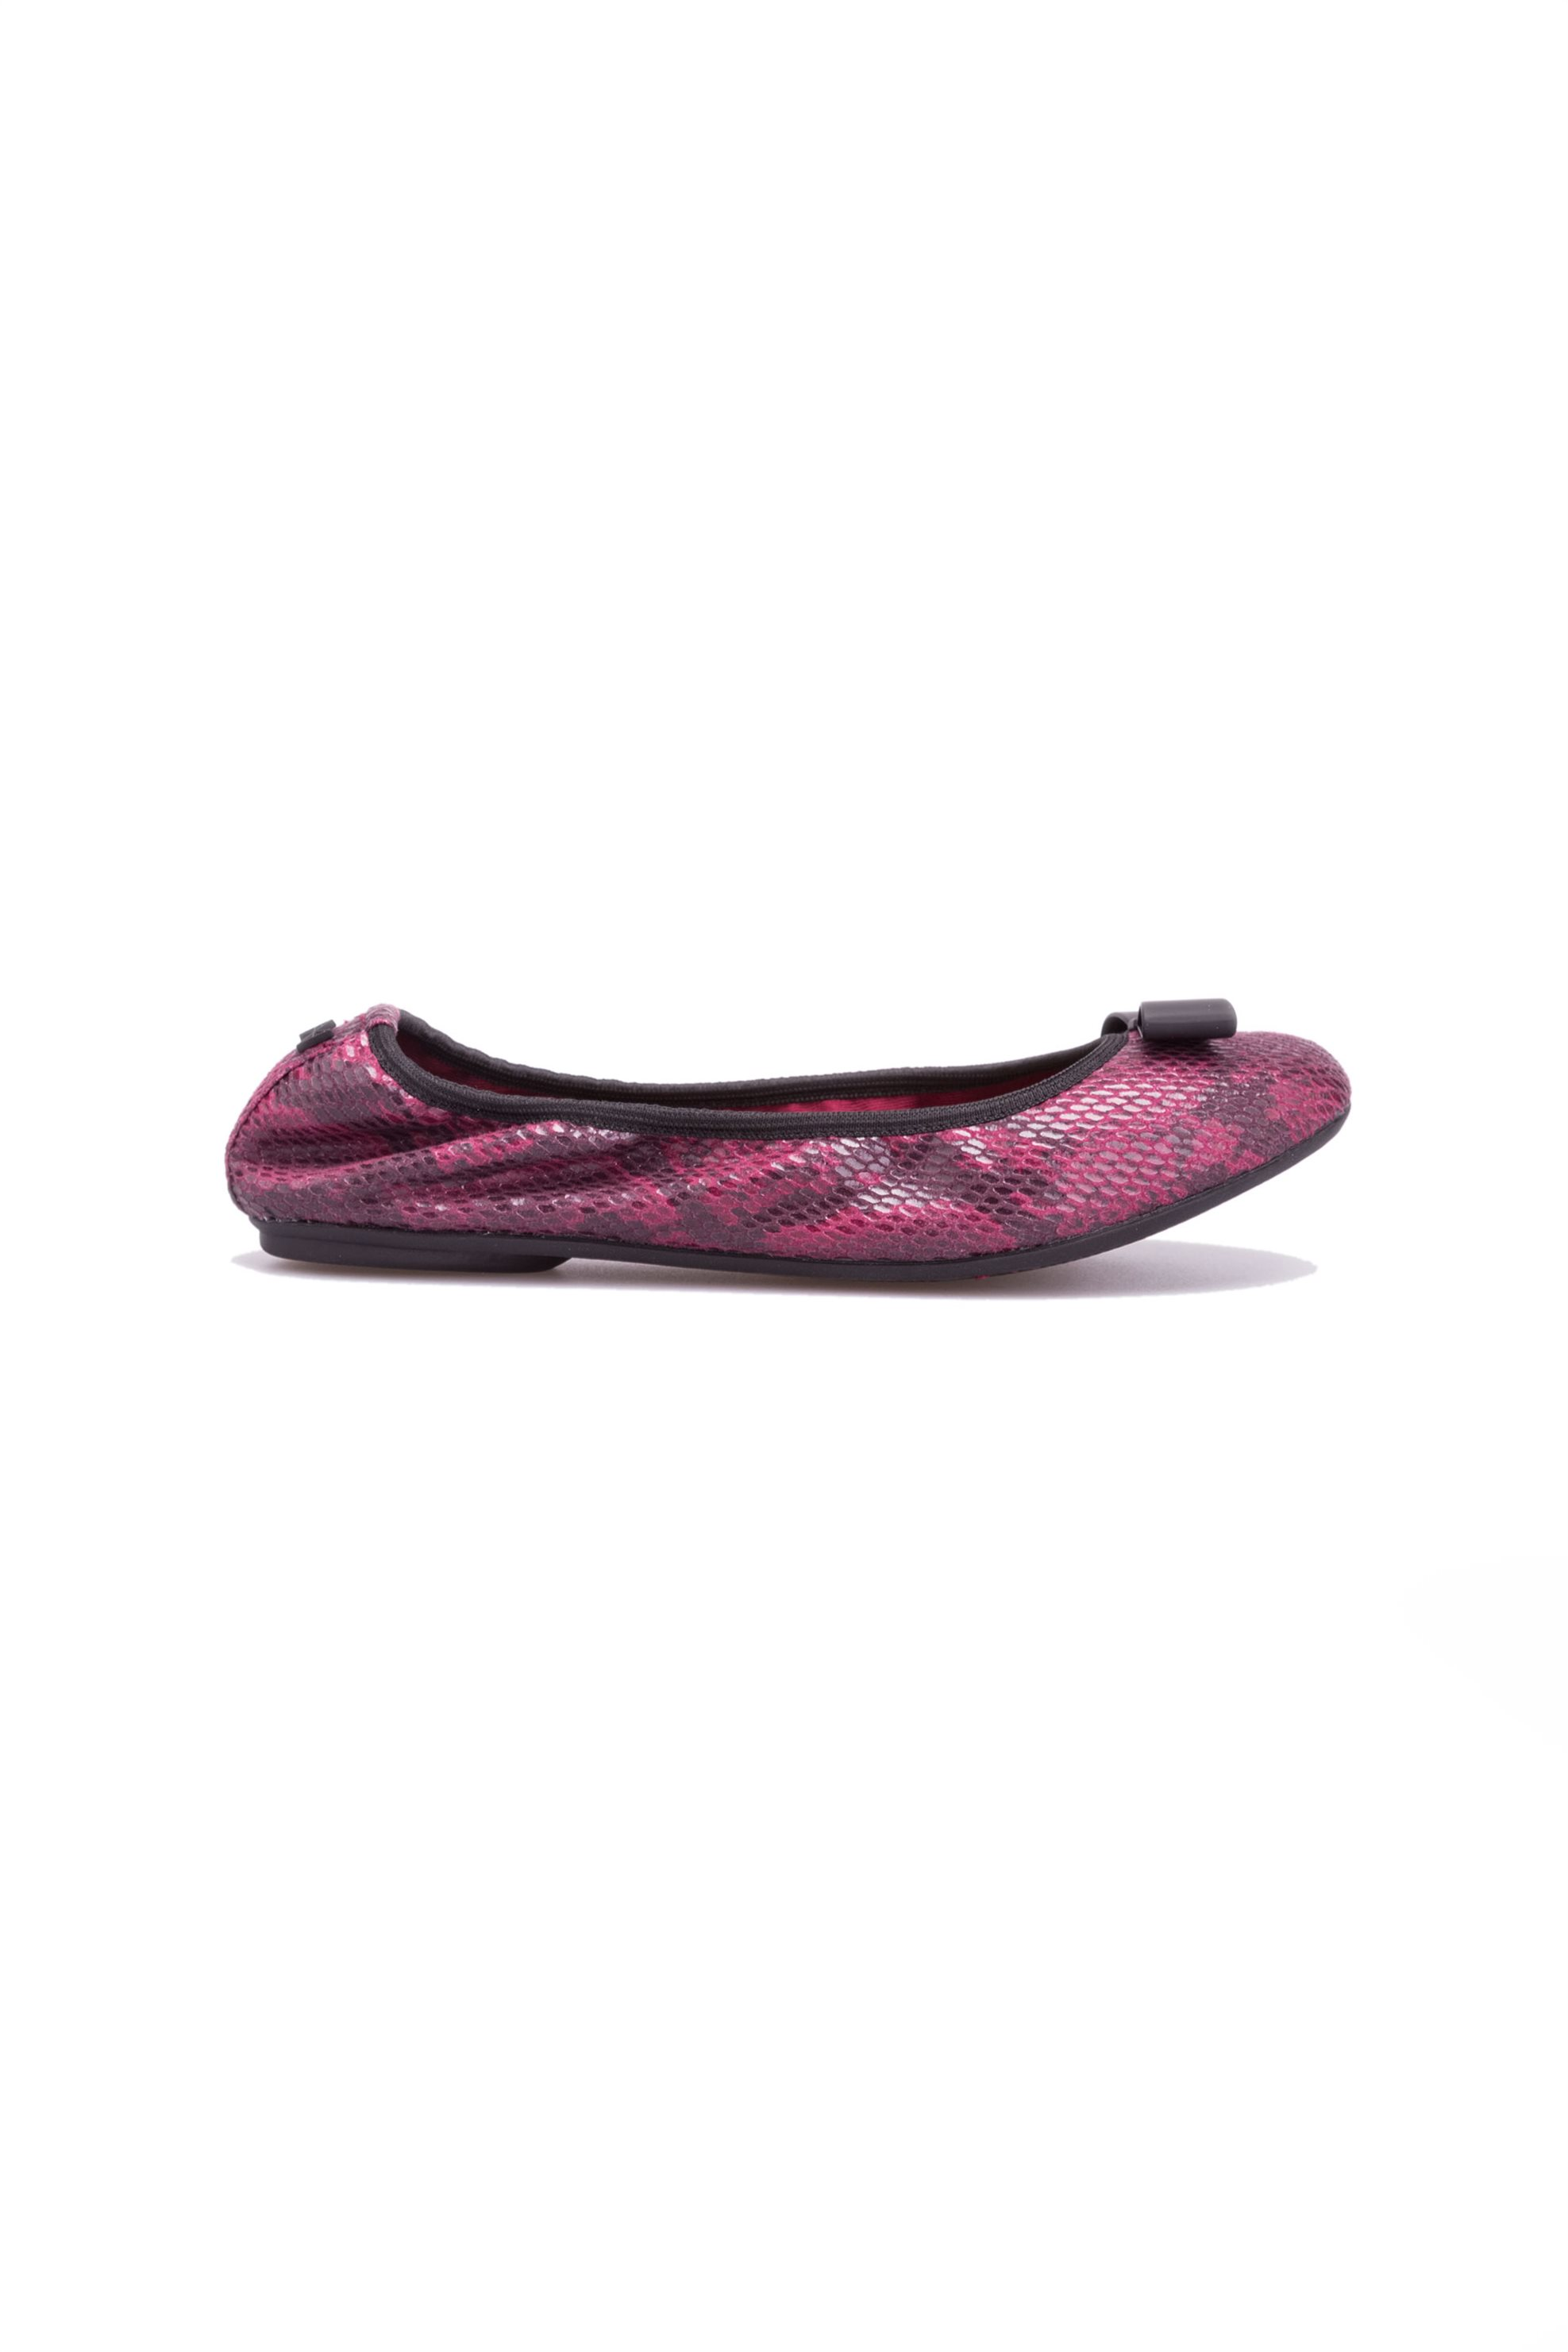 Γυναικεία παπούτσια Butterfly Twists – 217894-CHLOE – Μπορντό